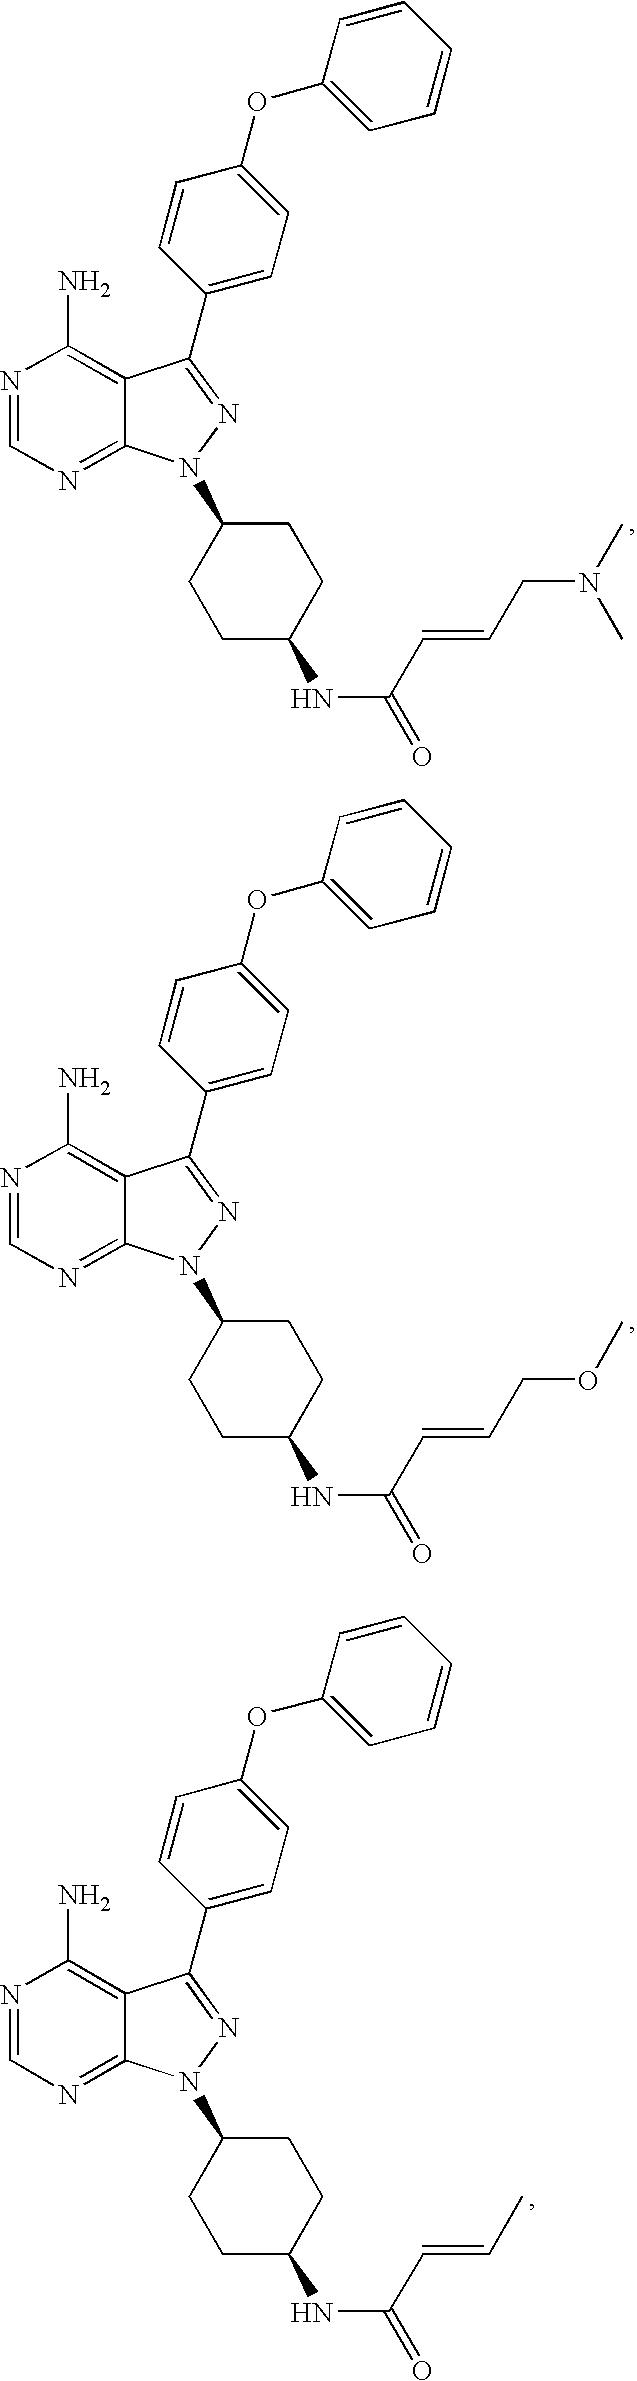 Figure US07514444-20090407-C00019